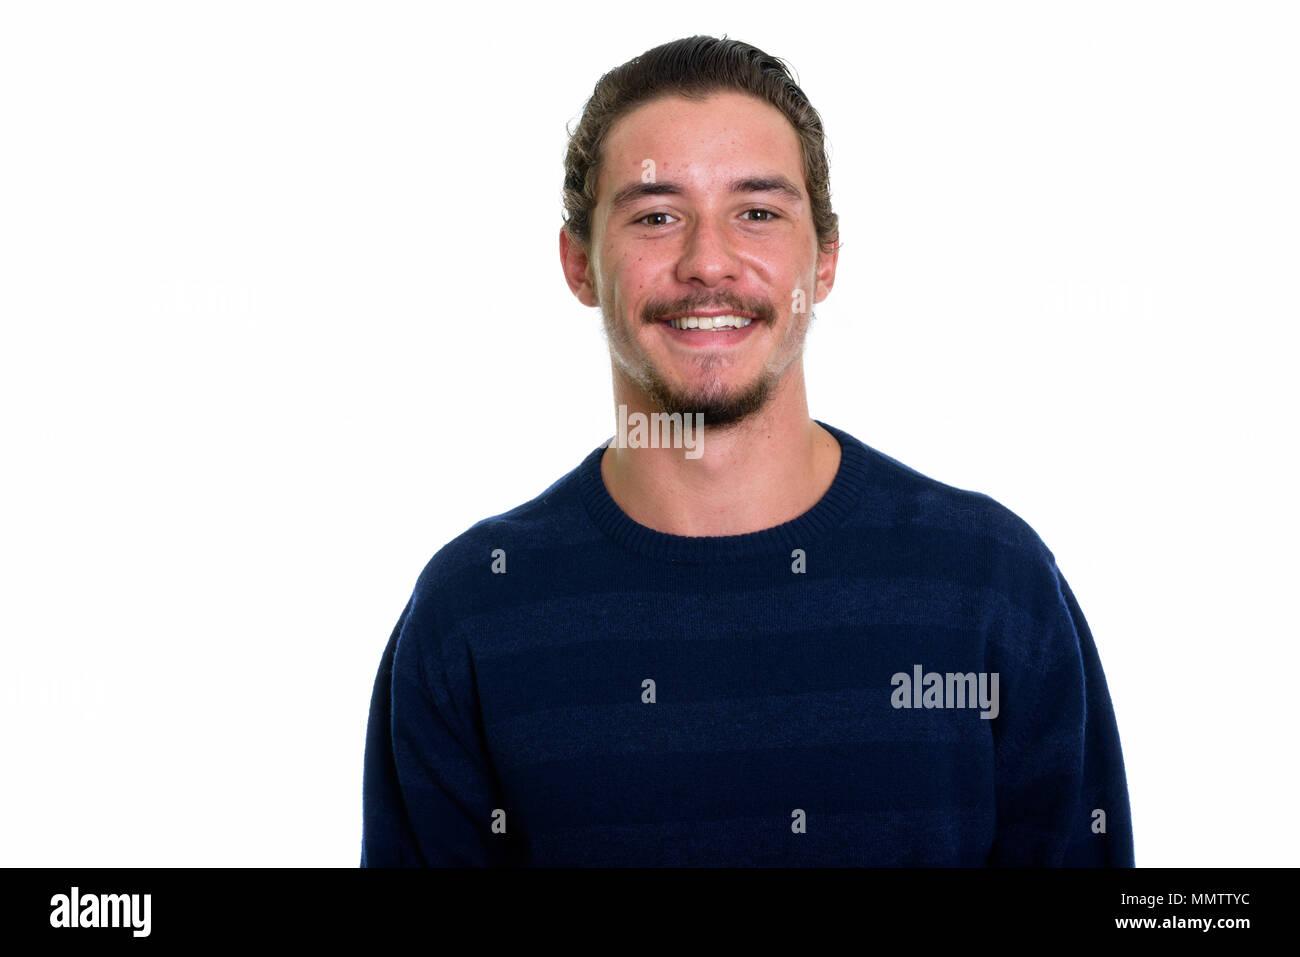 Giovane uomo felice sorridente isolata contro backg bianco Immagini Stock c6cc1ec31e1d